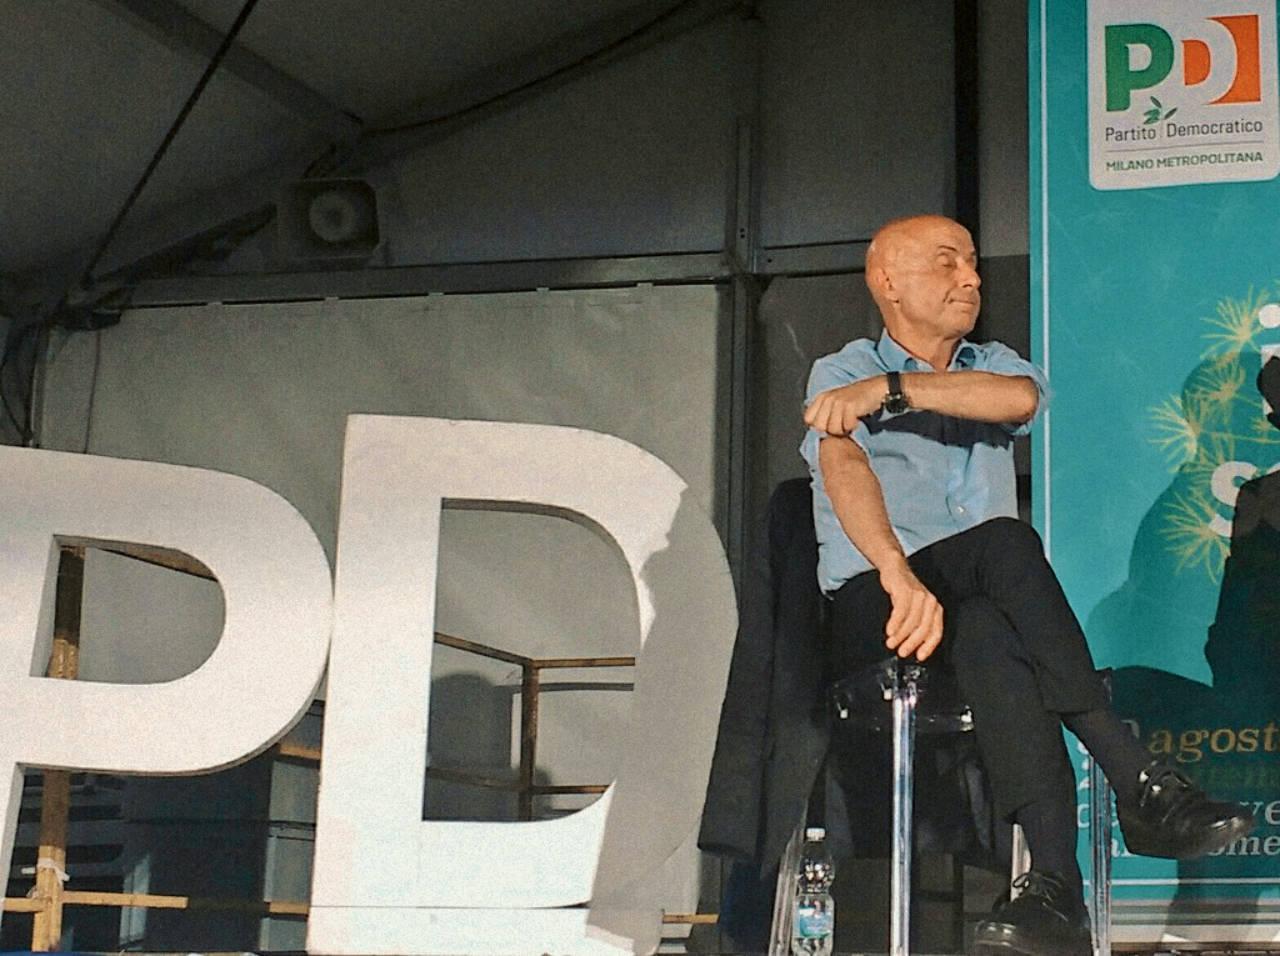 Minniti è il perfetto simbolo di un Partito democratico che ha completamente perso la bussola